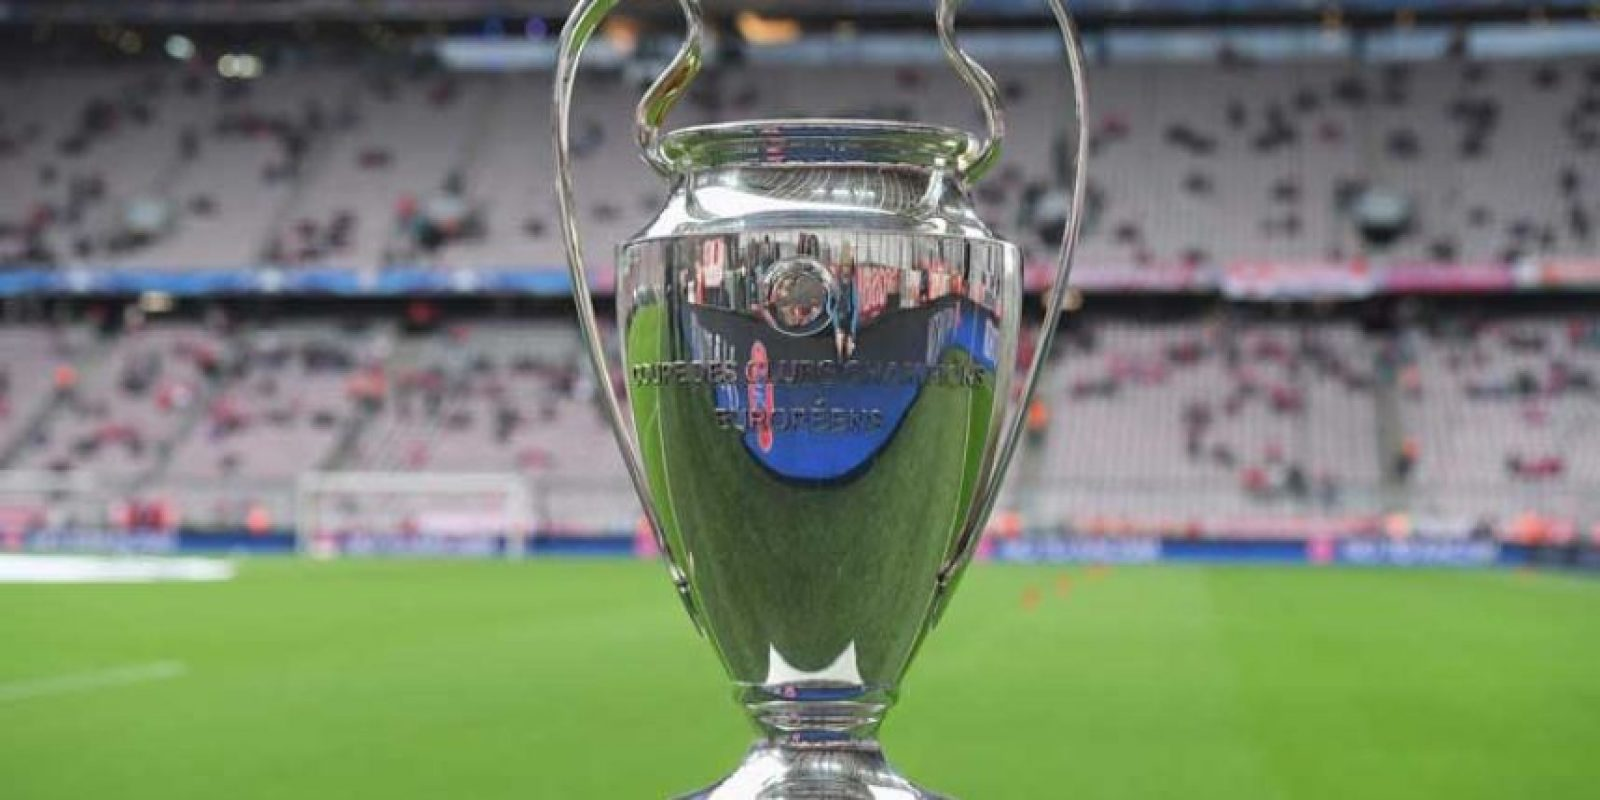 Fue diseñada en 1966 por el joyero suizo Jörg Stadelman, para sustituir el trofeo original de la Copa de Europa que fue entregado al Real Madrid. Foto:Getty Images